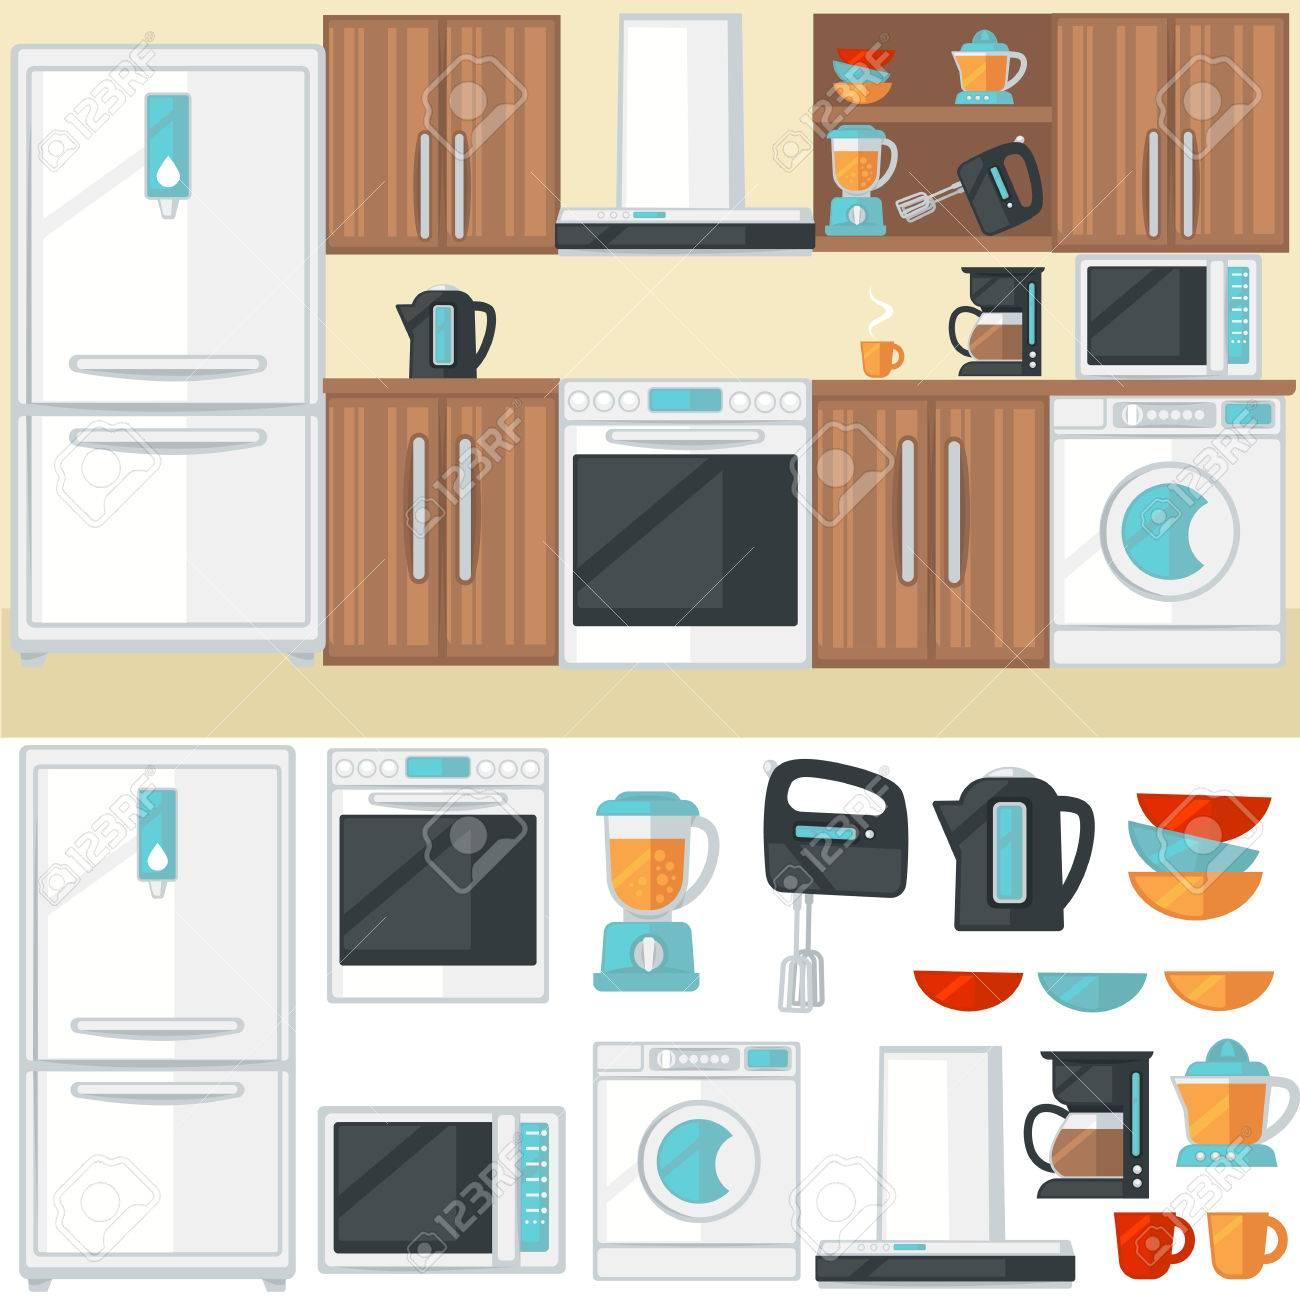 Kuche Zimmer Interieur Mit Kuchenmobel Gerate Elektronik Und